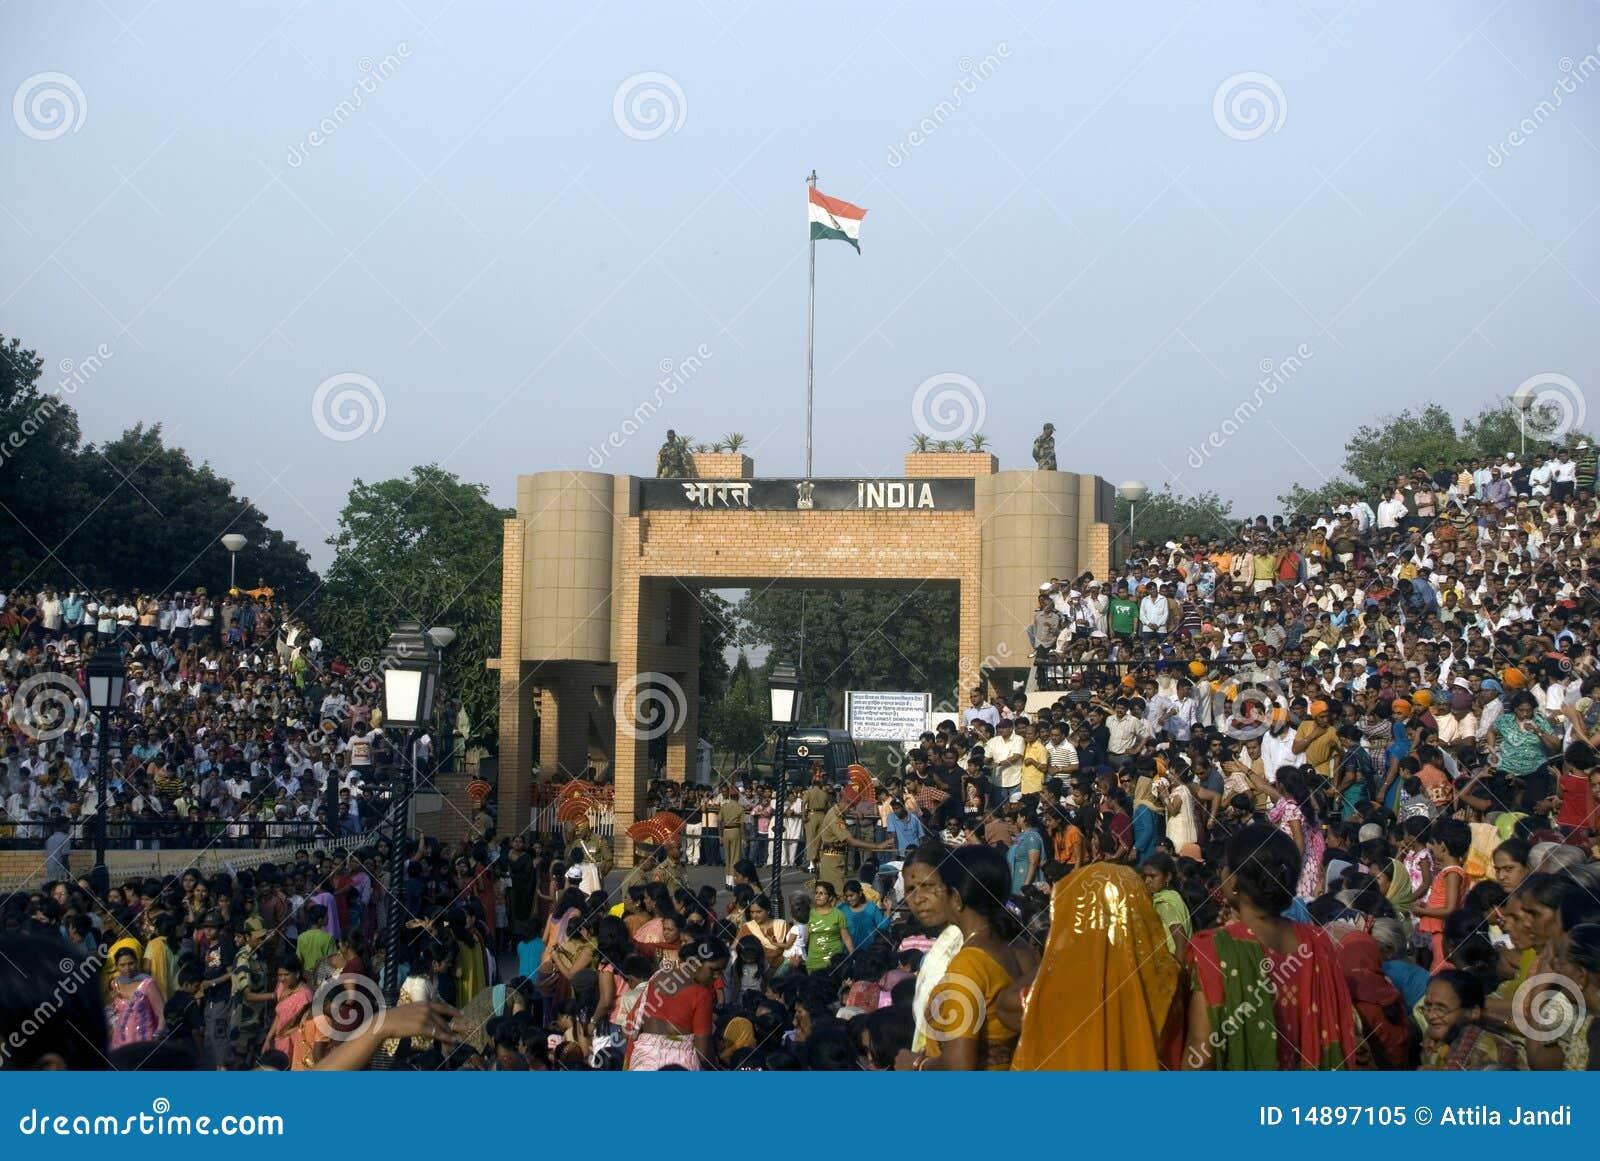 Parade, Attari, Punjab, India